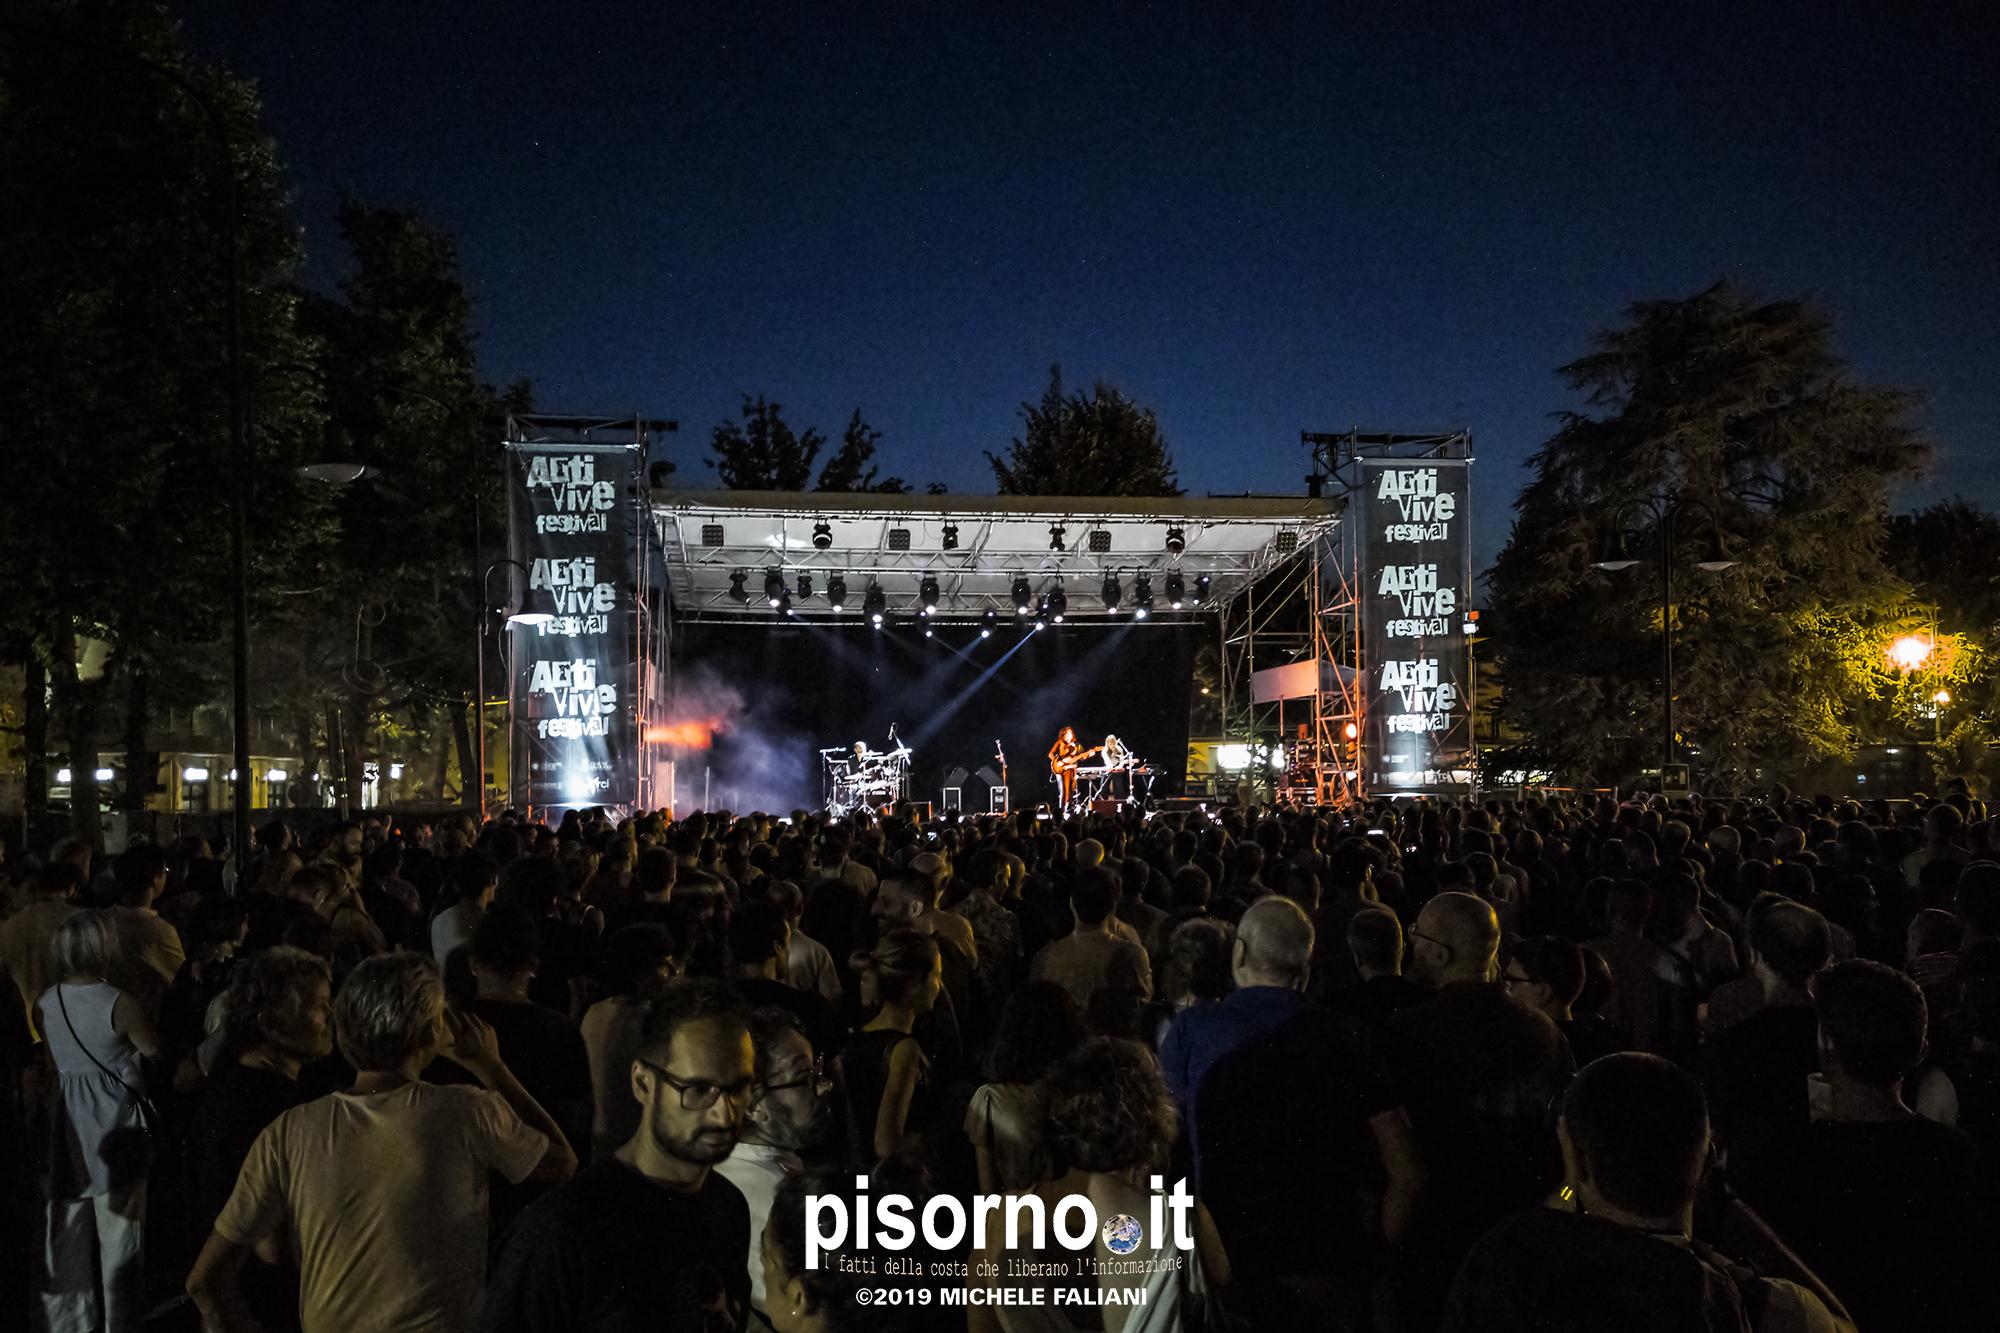 ©2019 Pisorno.it